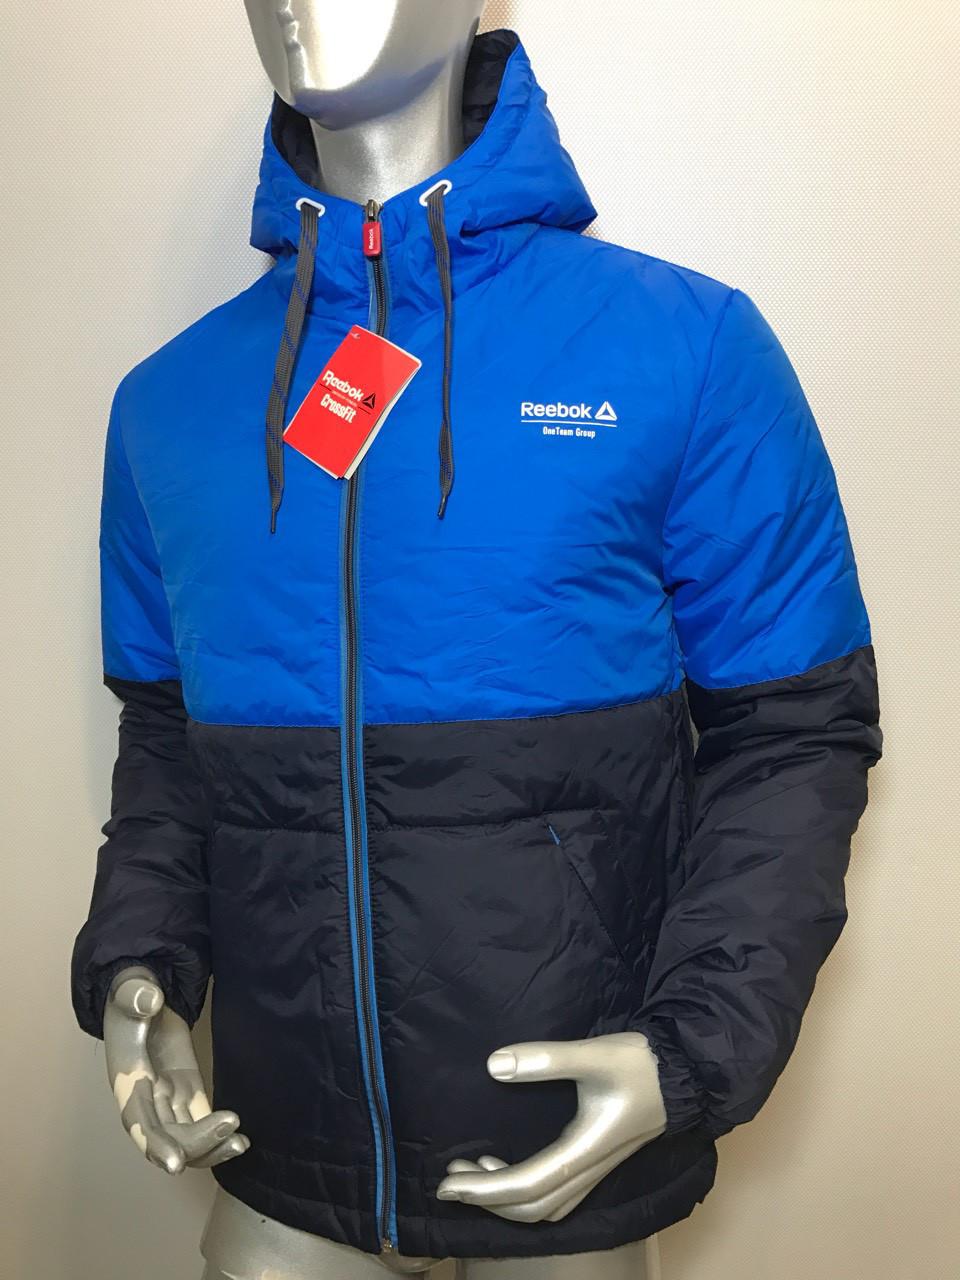 Мужская спортивная куртка Reebok копия - Домотехника в Харькове 459b9cf16a1